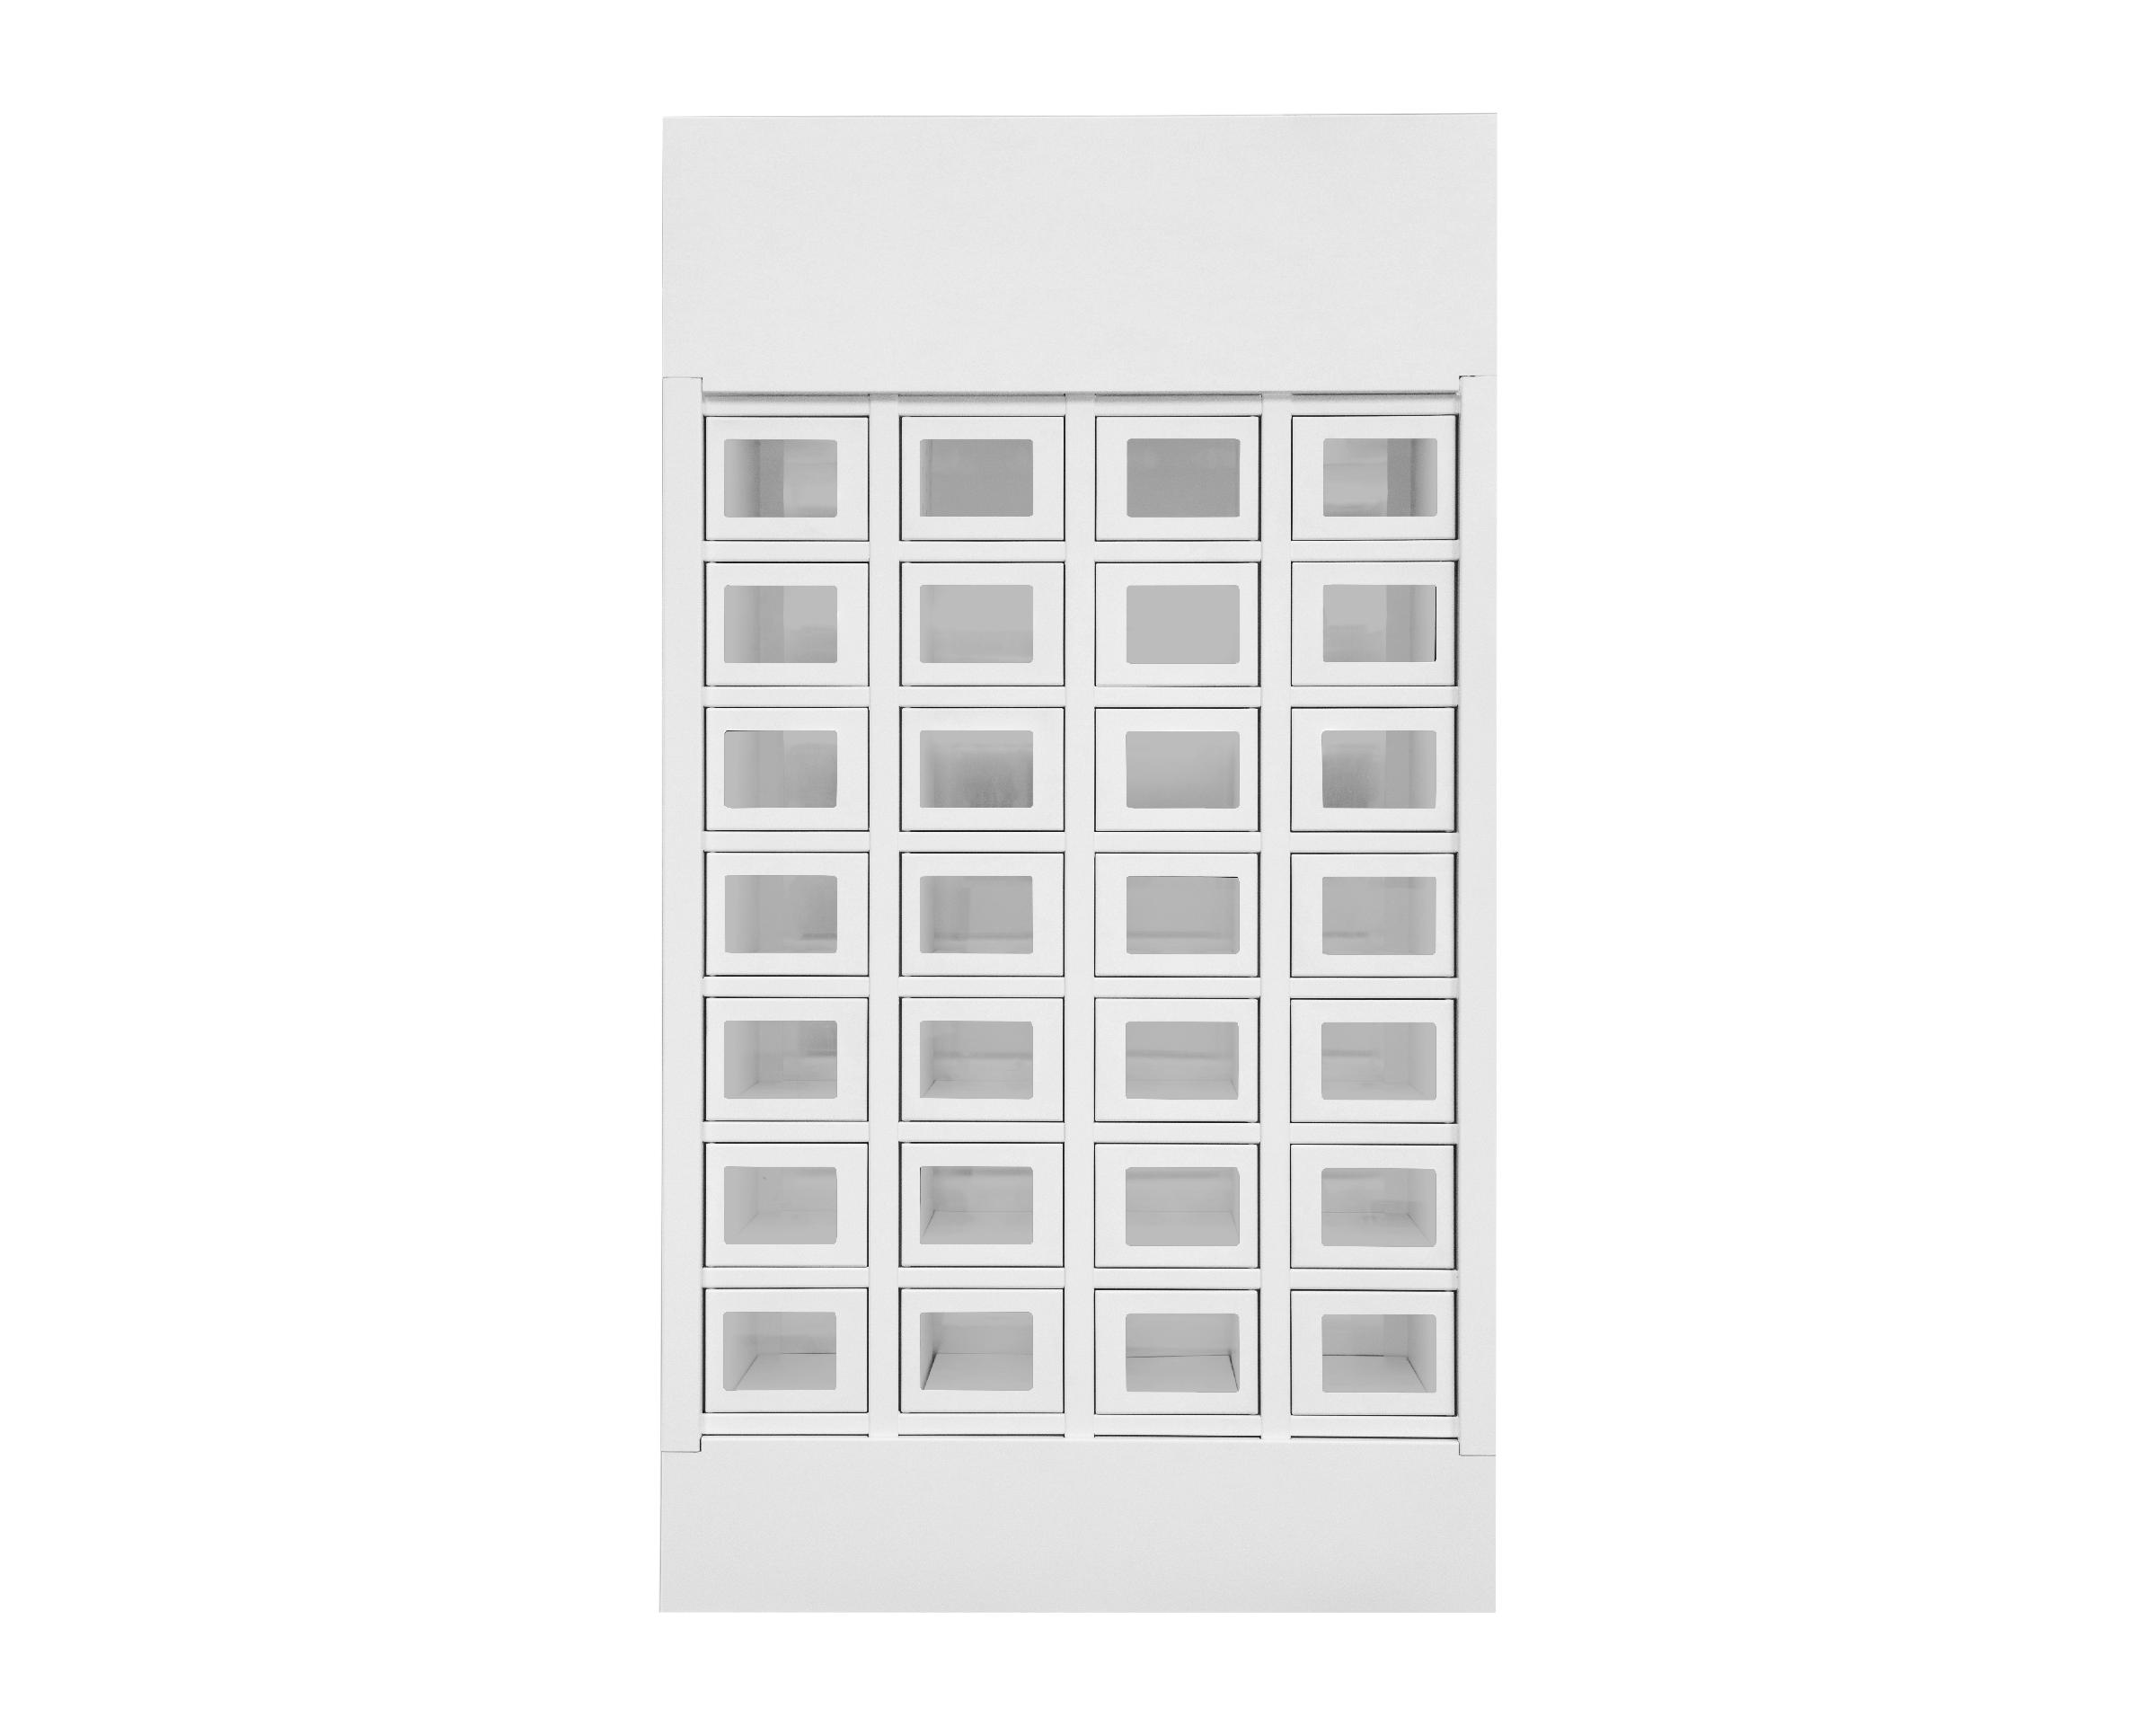 Módulo Le Casier Français 28 compartimentos